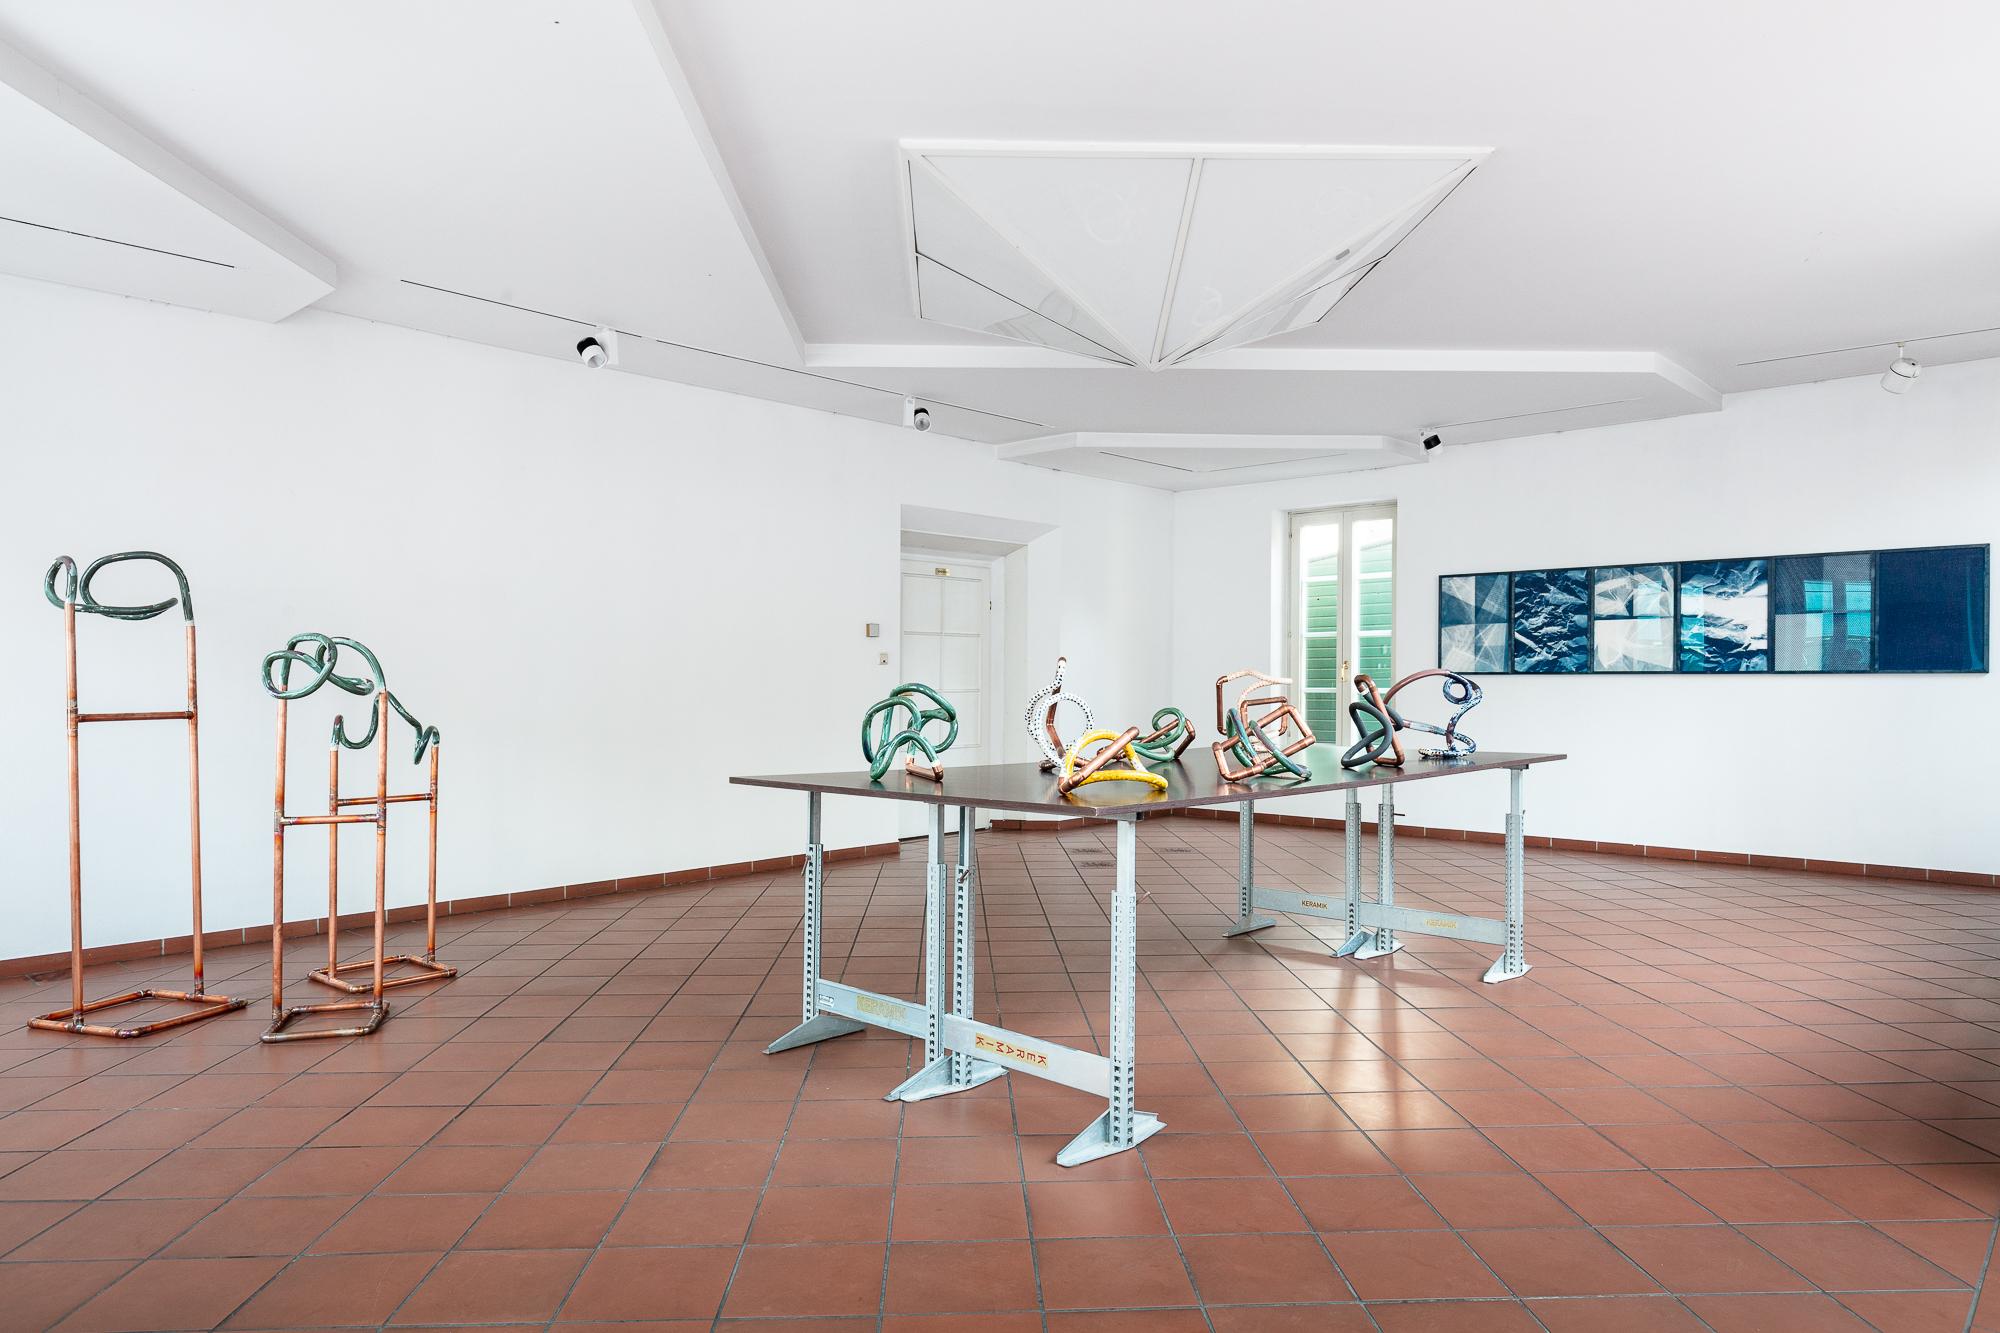 2019_03_05_Simon Iurino_Ausstellungsansichten_018_web.jpg